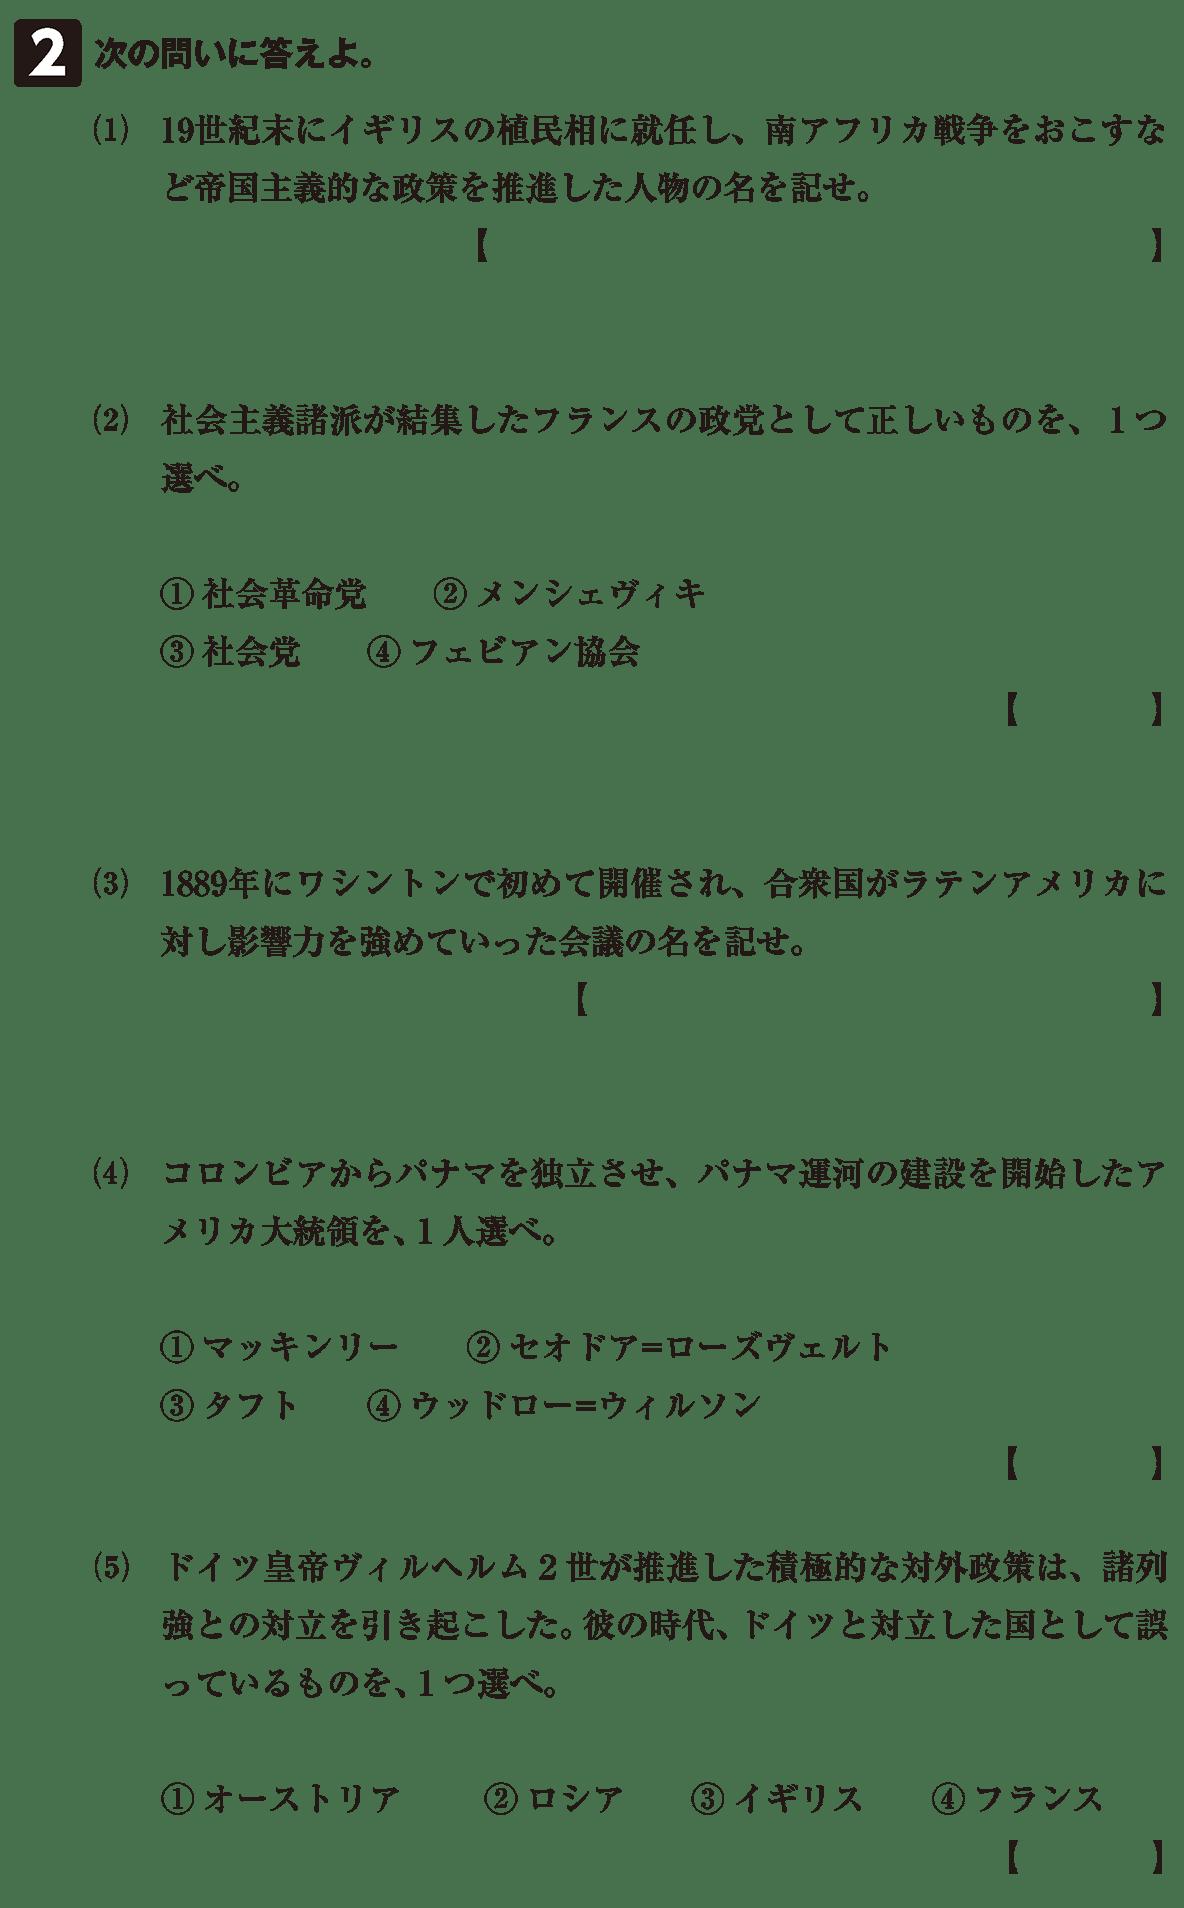 帝国主義の時代7 確認テスト(後半)